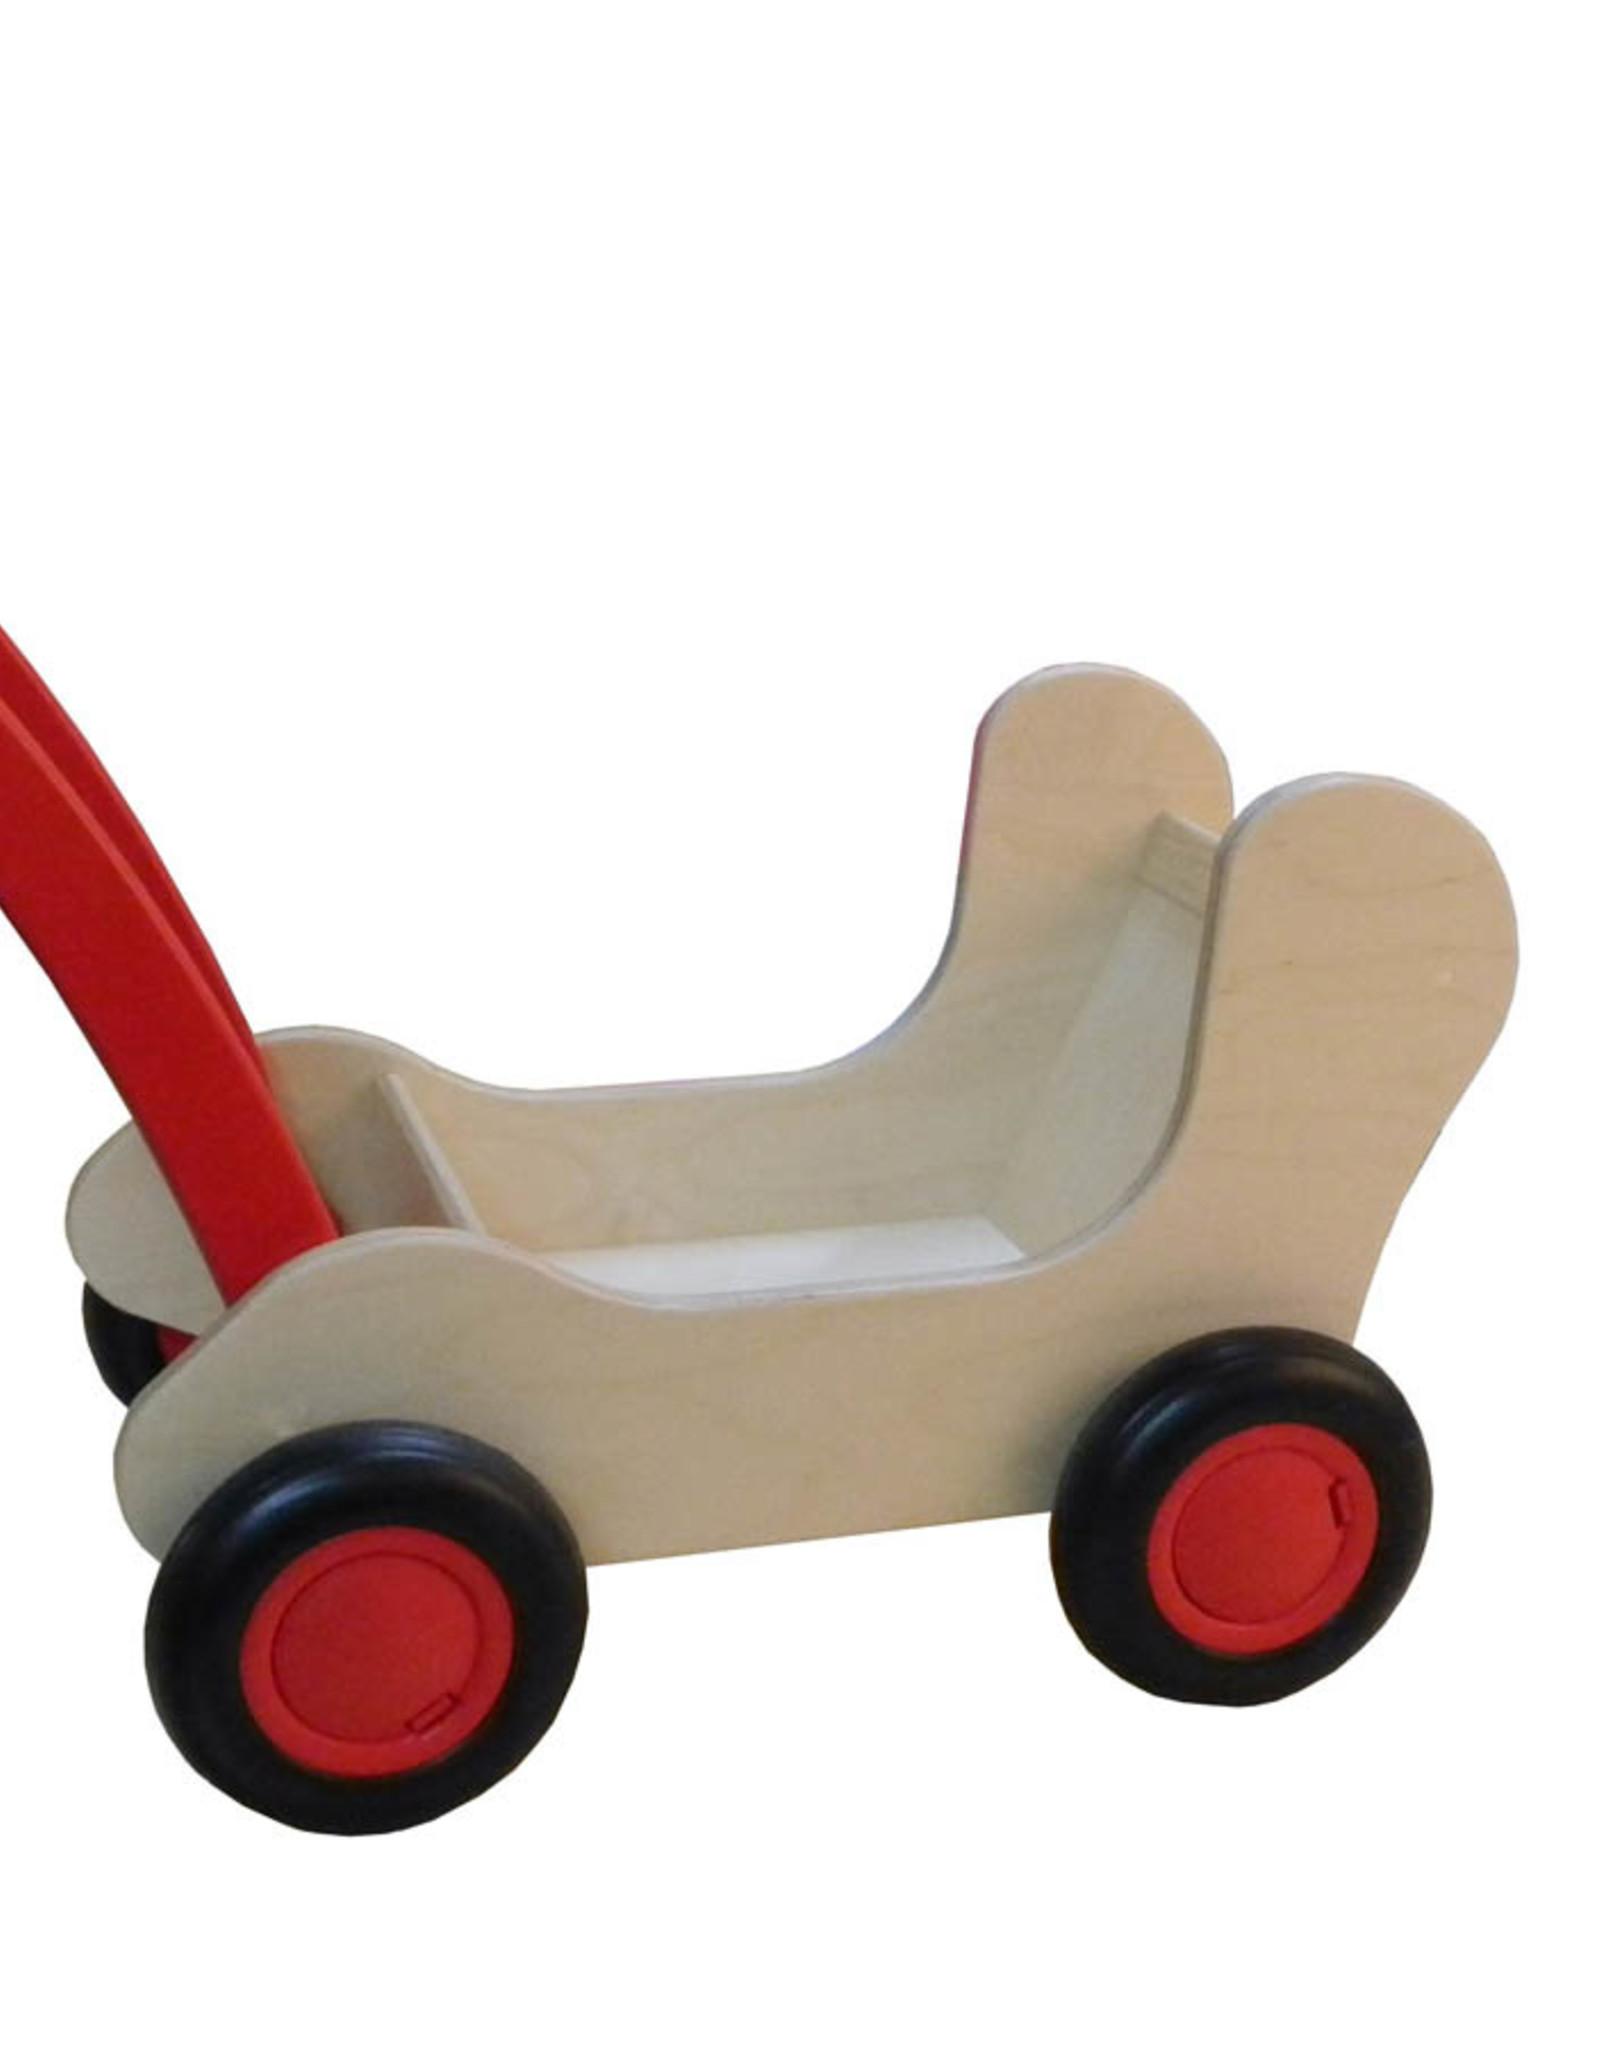 Van Dijk Toys Combi Popwagen Rood